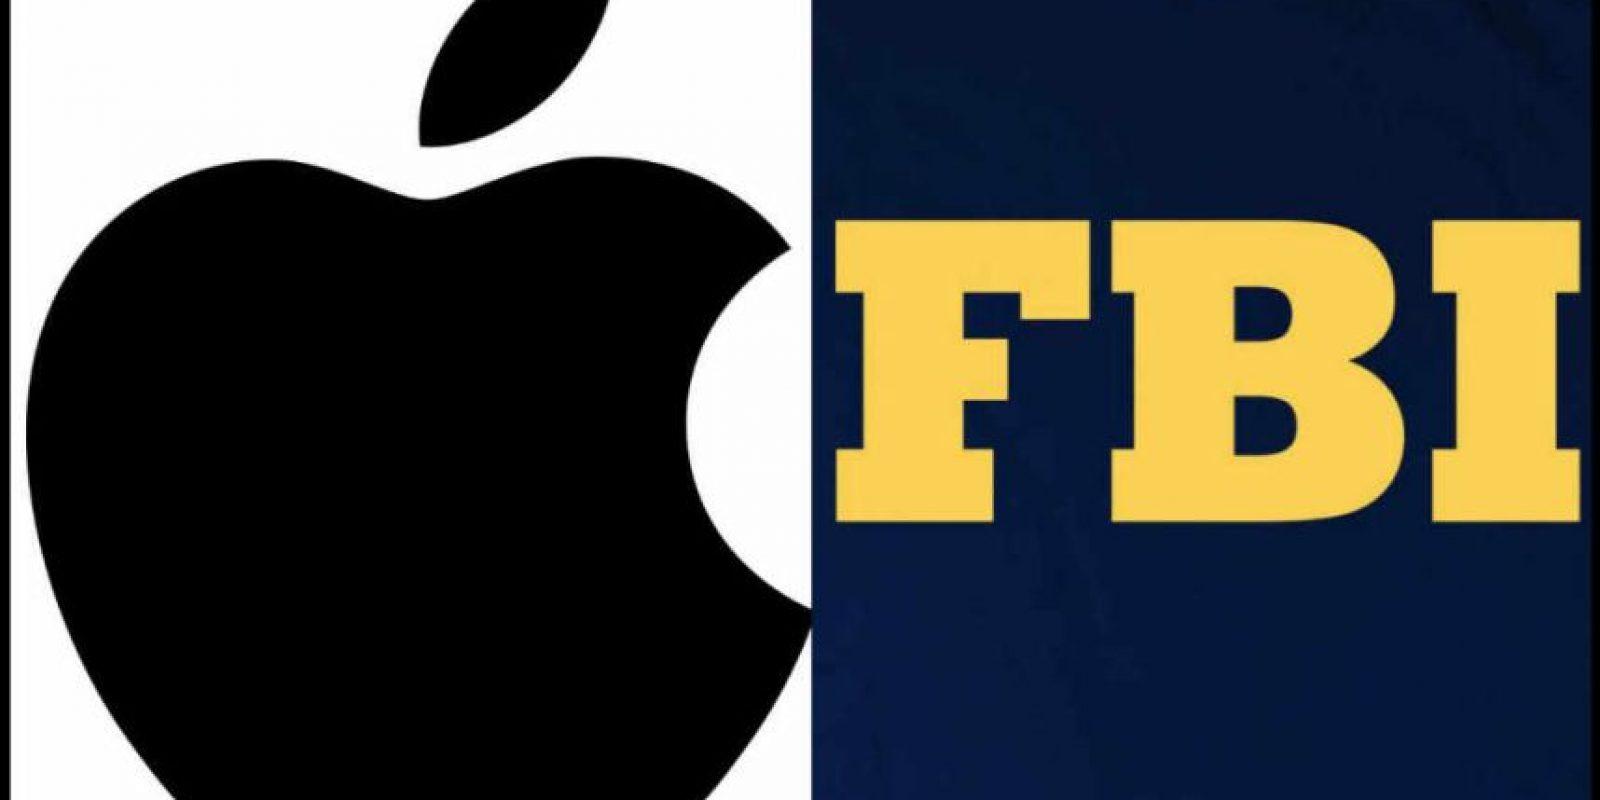 Los problemas entre Apple y el FBI se acentuaron gracias a un iPhone. Foto:Apple/FBI